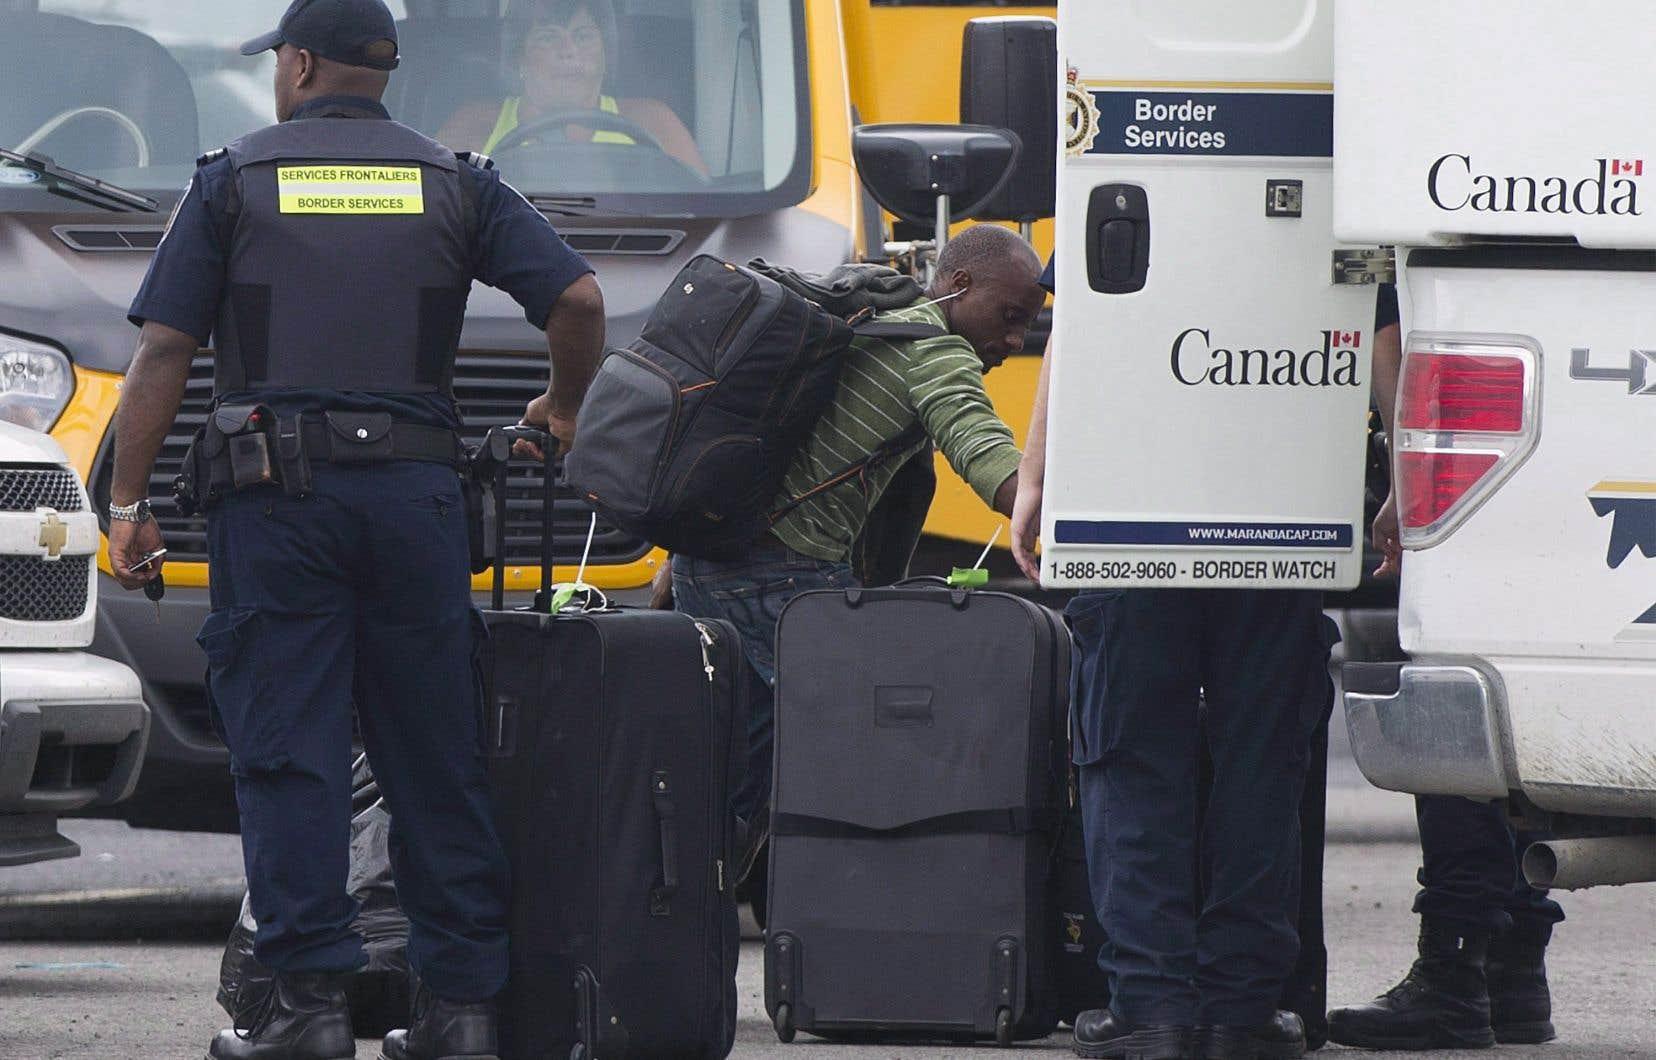 Québec «n'a pas l'autorité unilatérale» de décider combien d'immigrants seront accueillis dans la province, indiquent des sources gouvernementales au «<em>Devoir»</em>.